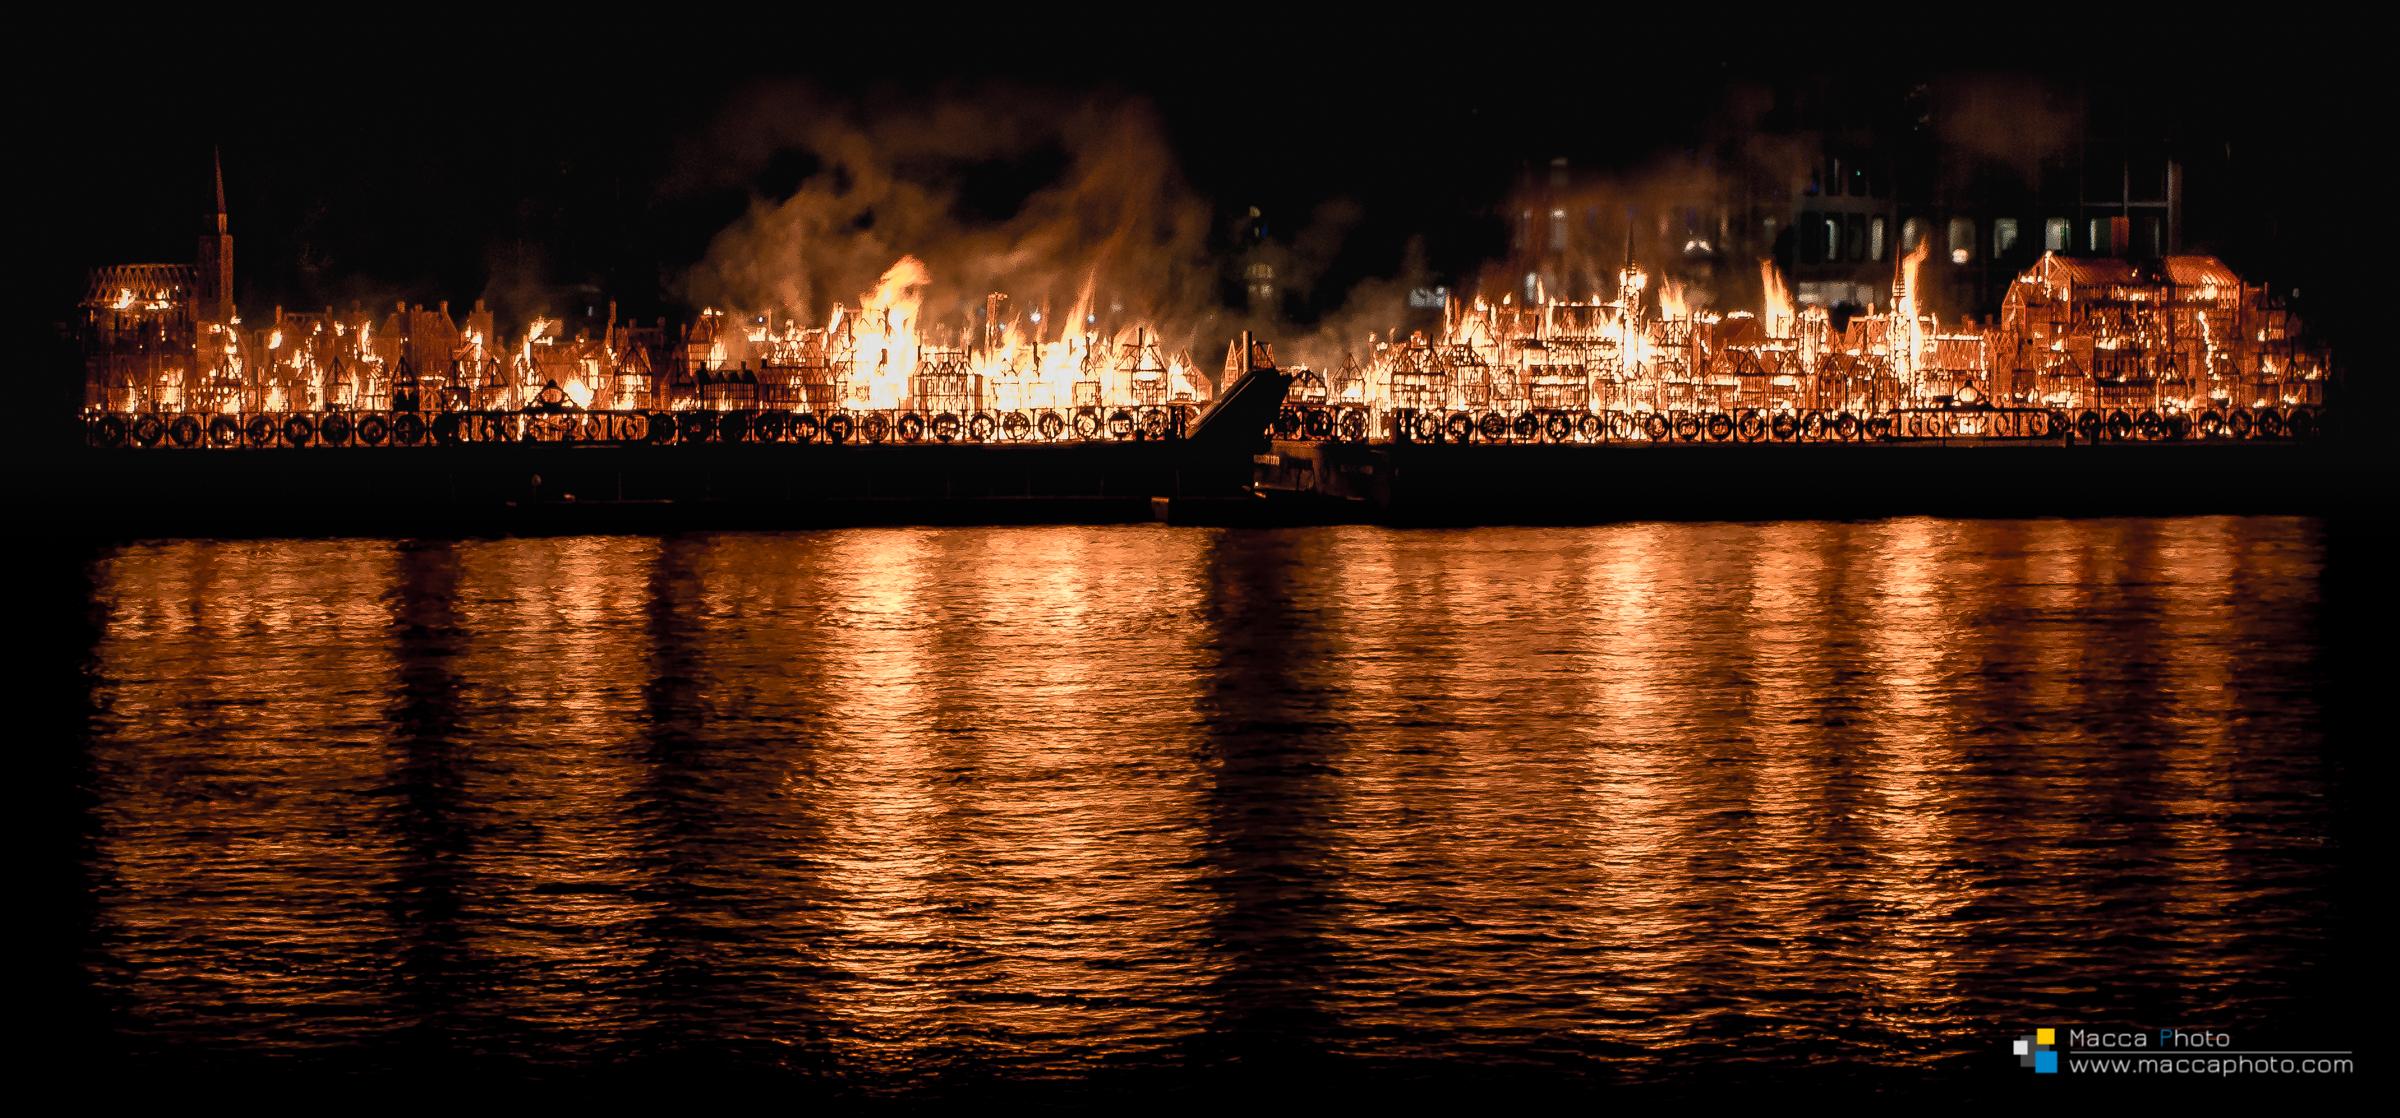 London's Burning 1